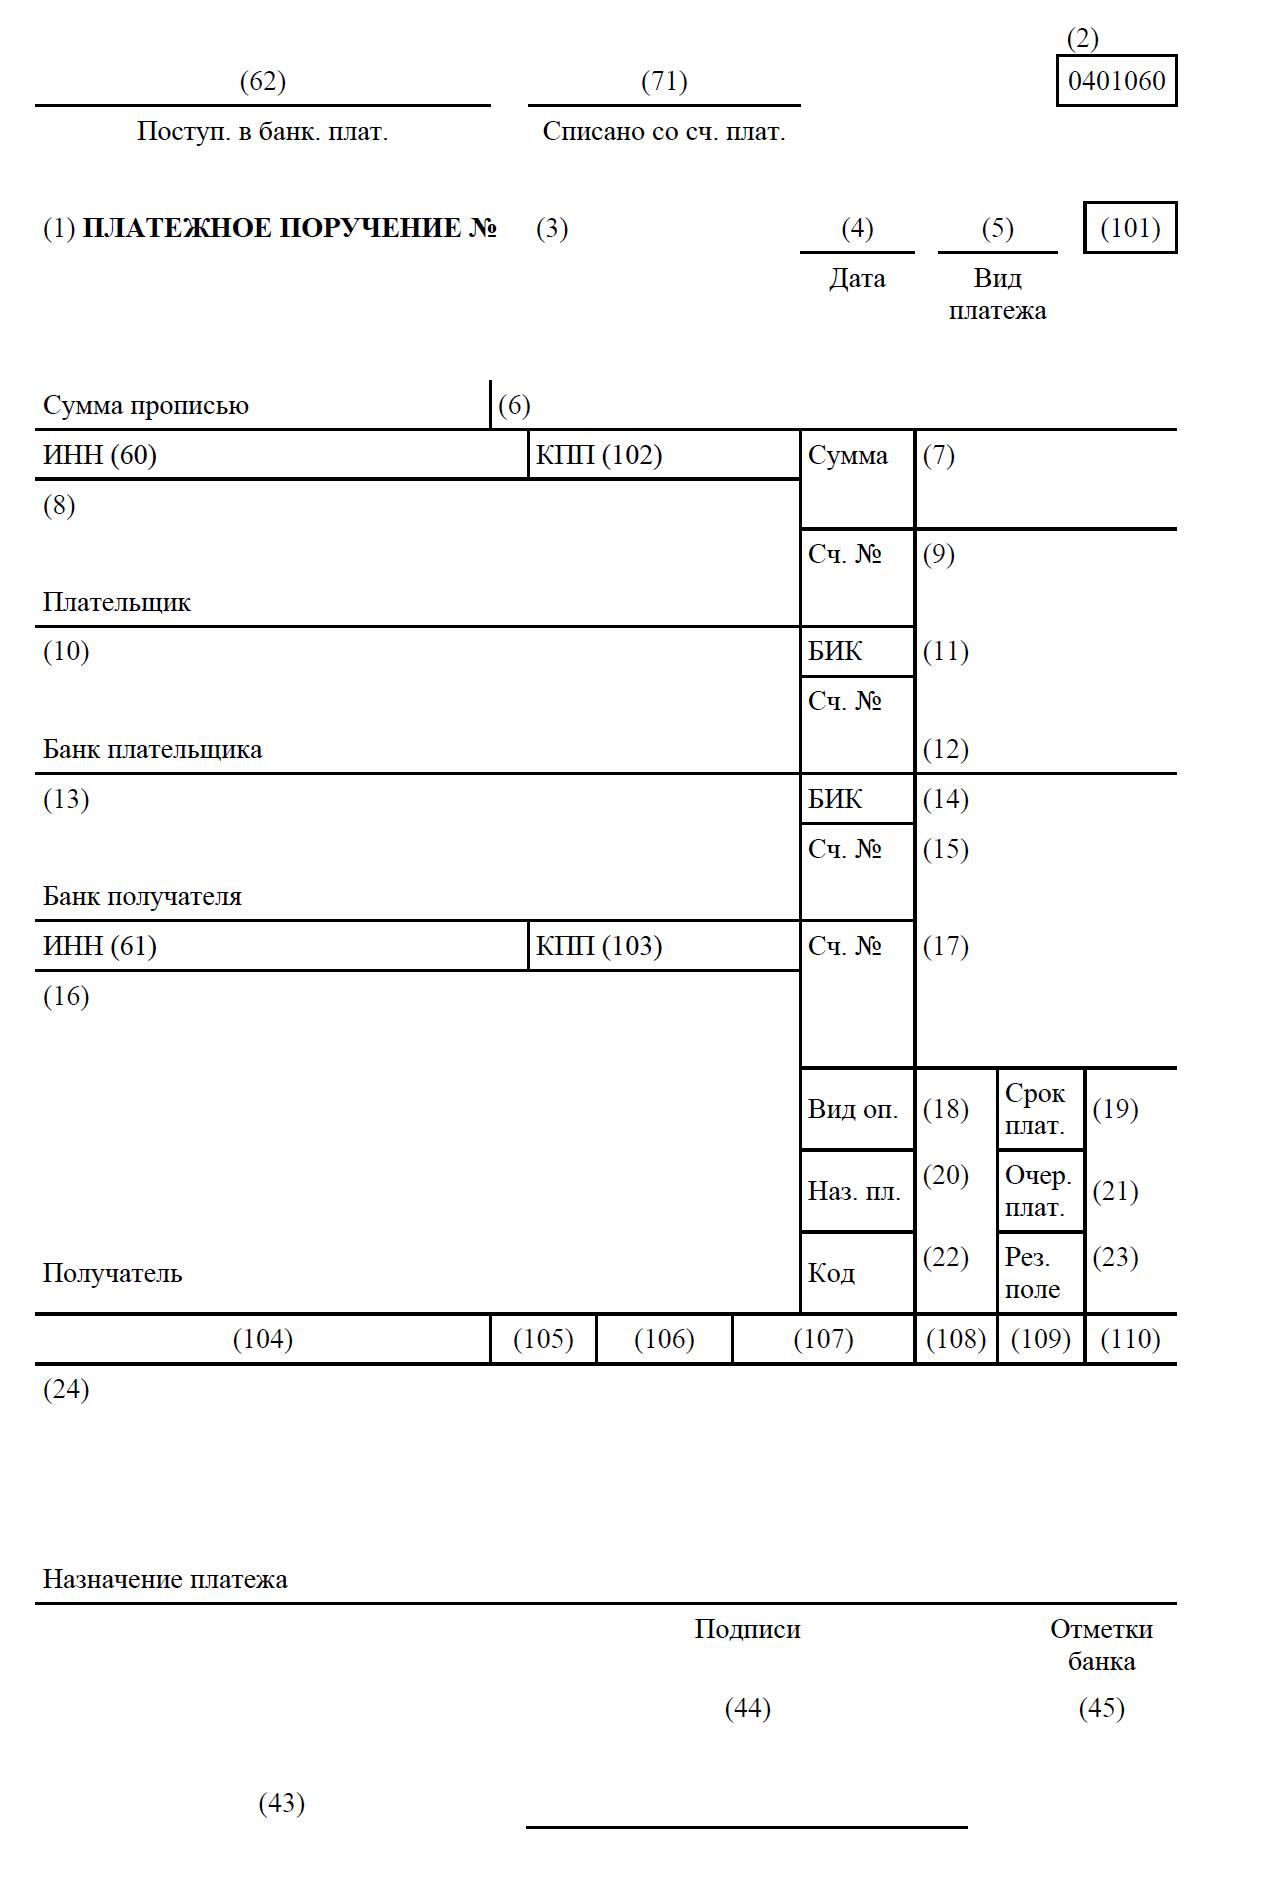 Первичные документы бухгалтерского учета